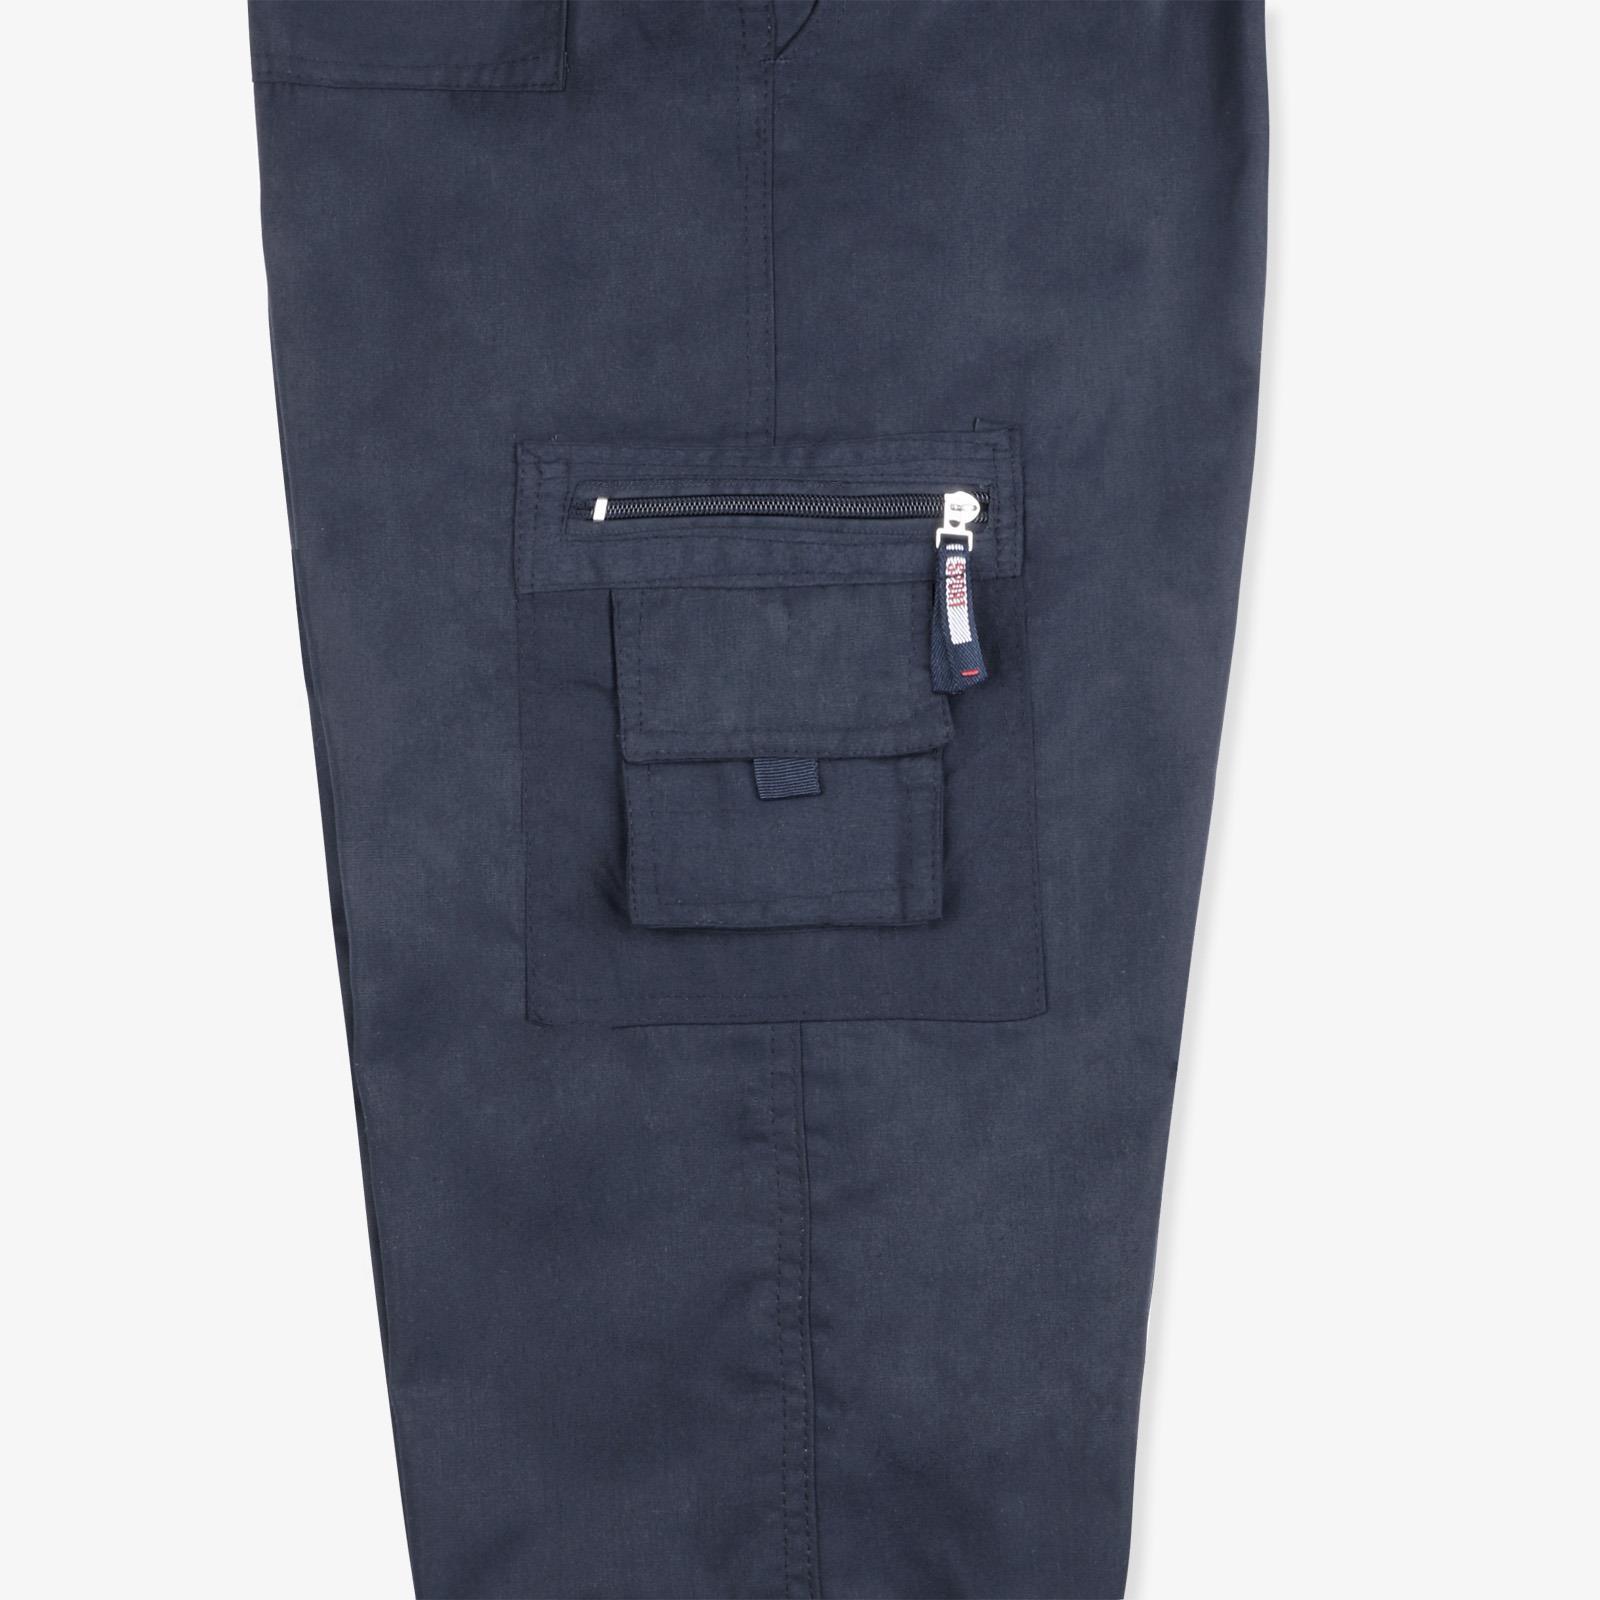 Pantalon-Homme-Cargo-Militaire-Ample-Poche-Grande-Taille-Elastique-Travail miniature 3